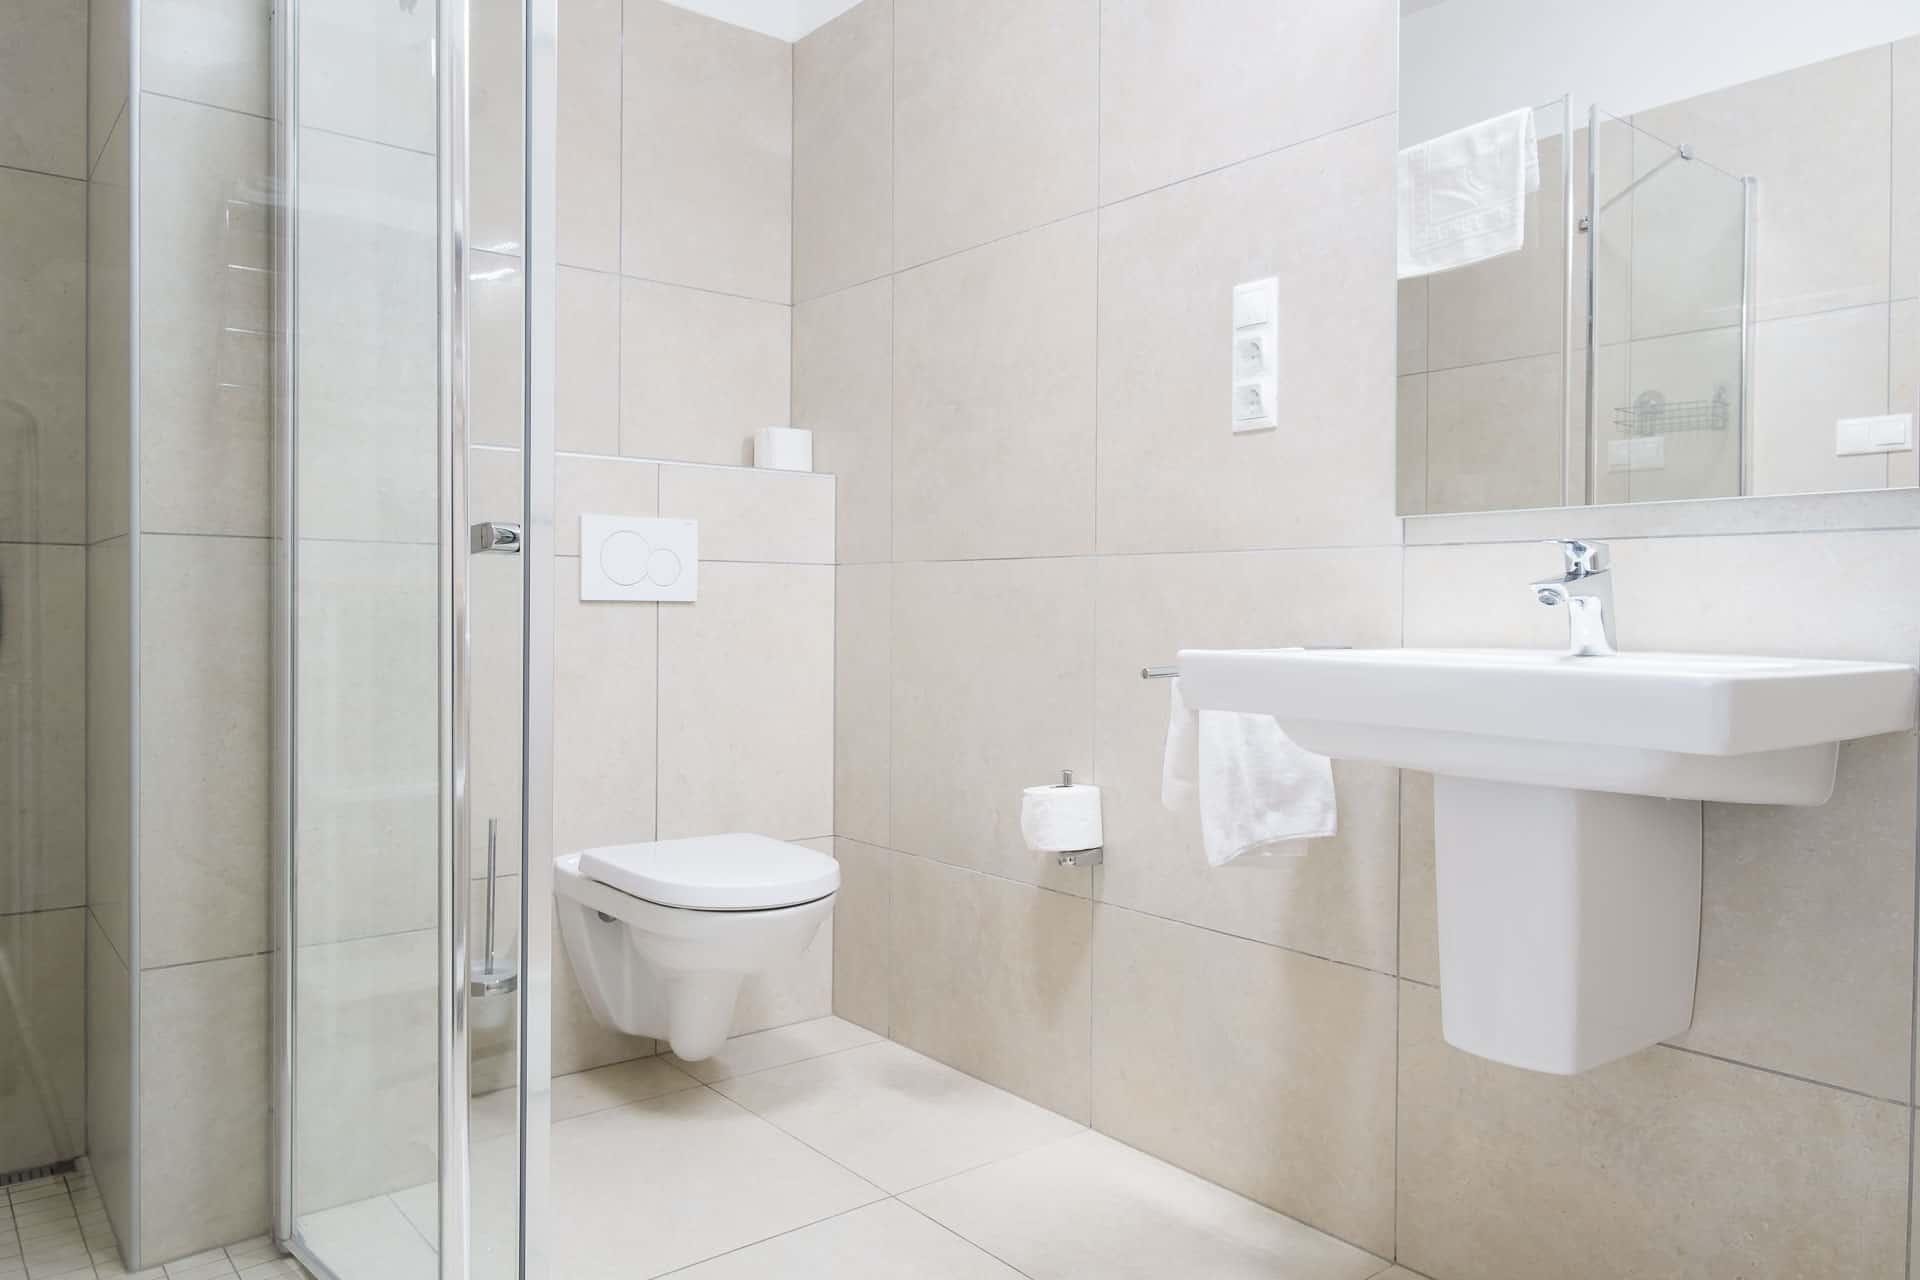 Prémium minőségű, vízparti Apartmanok Keszthely - fürdőszoba.